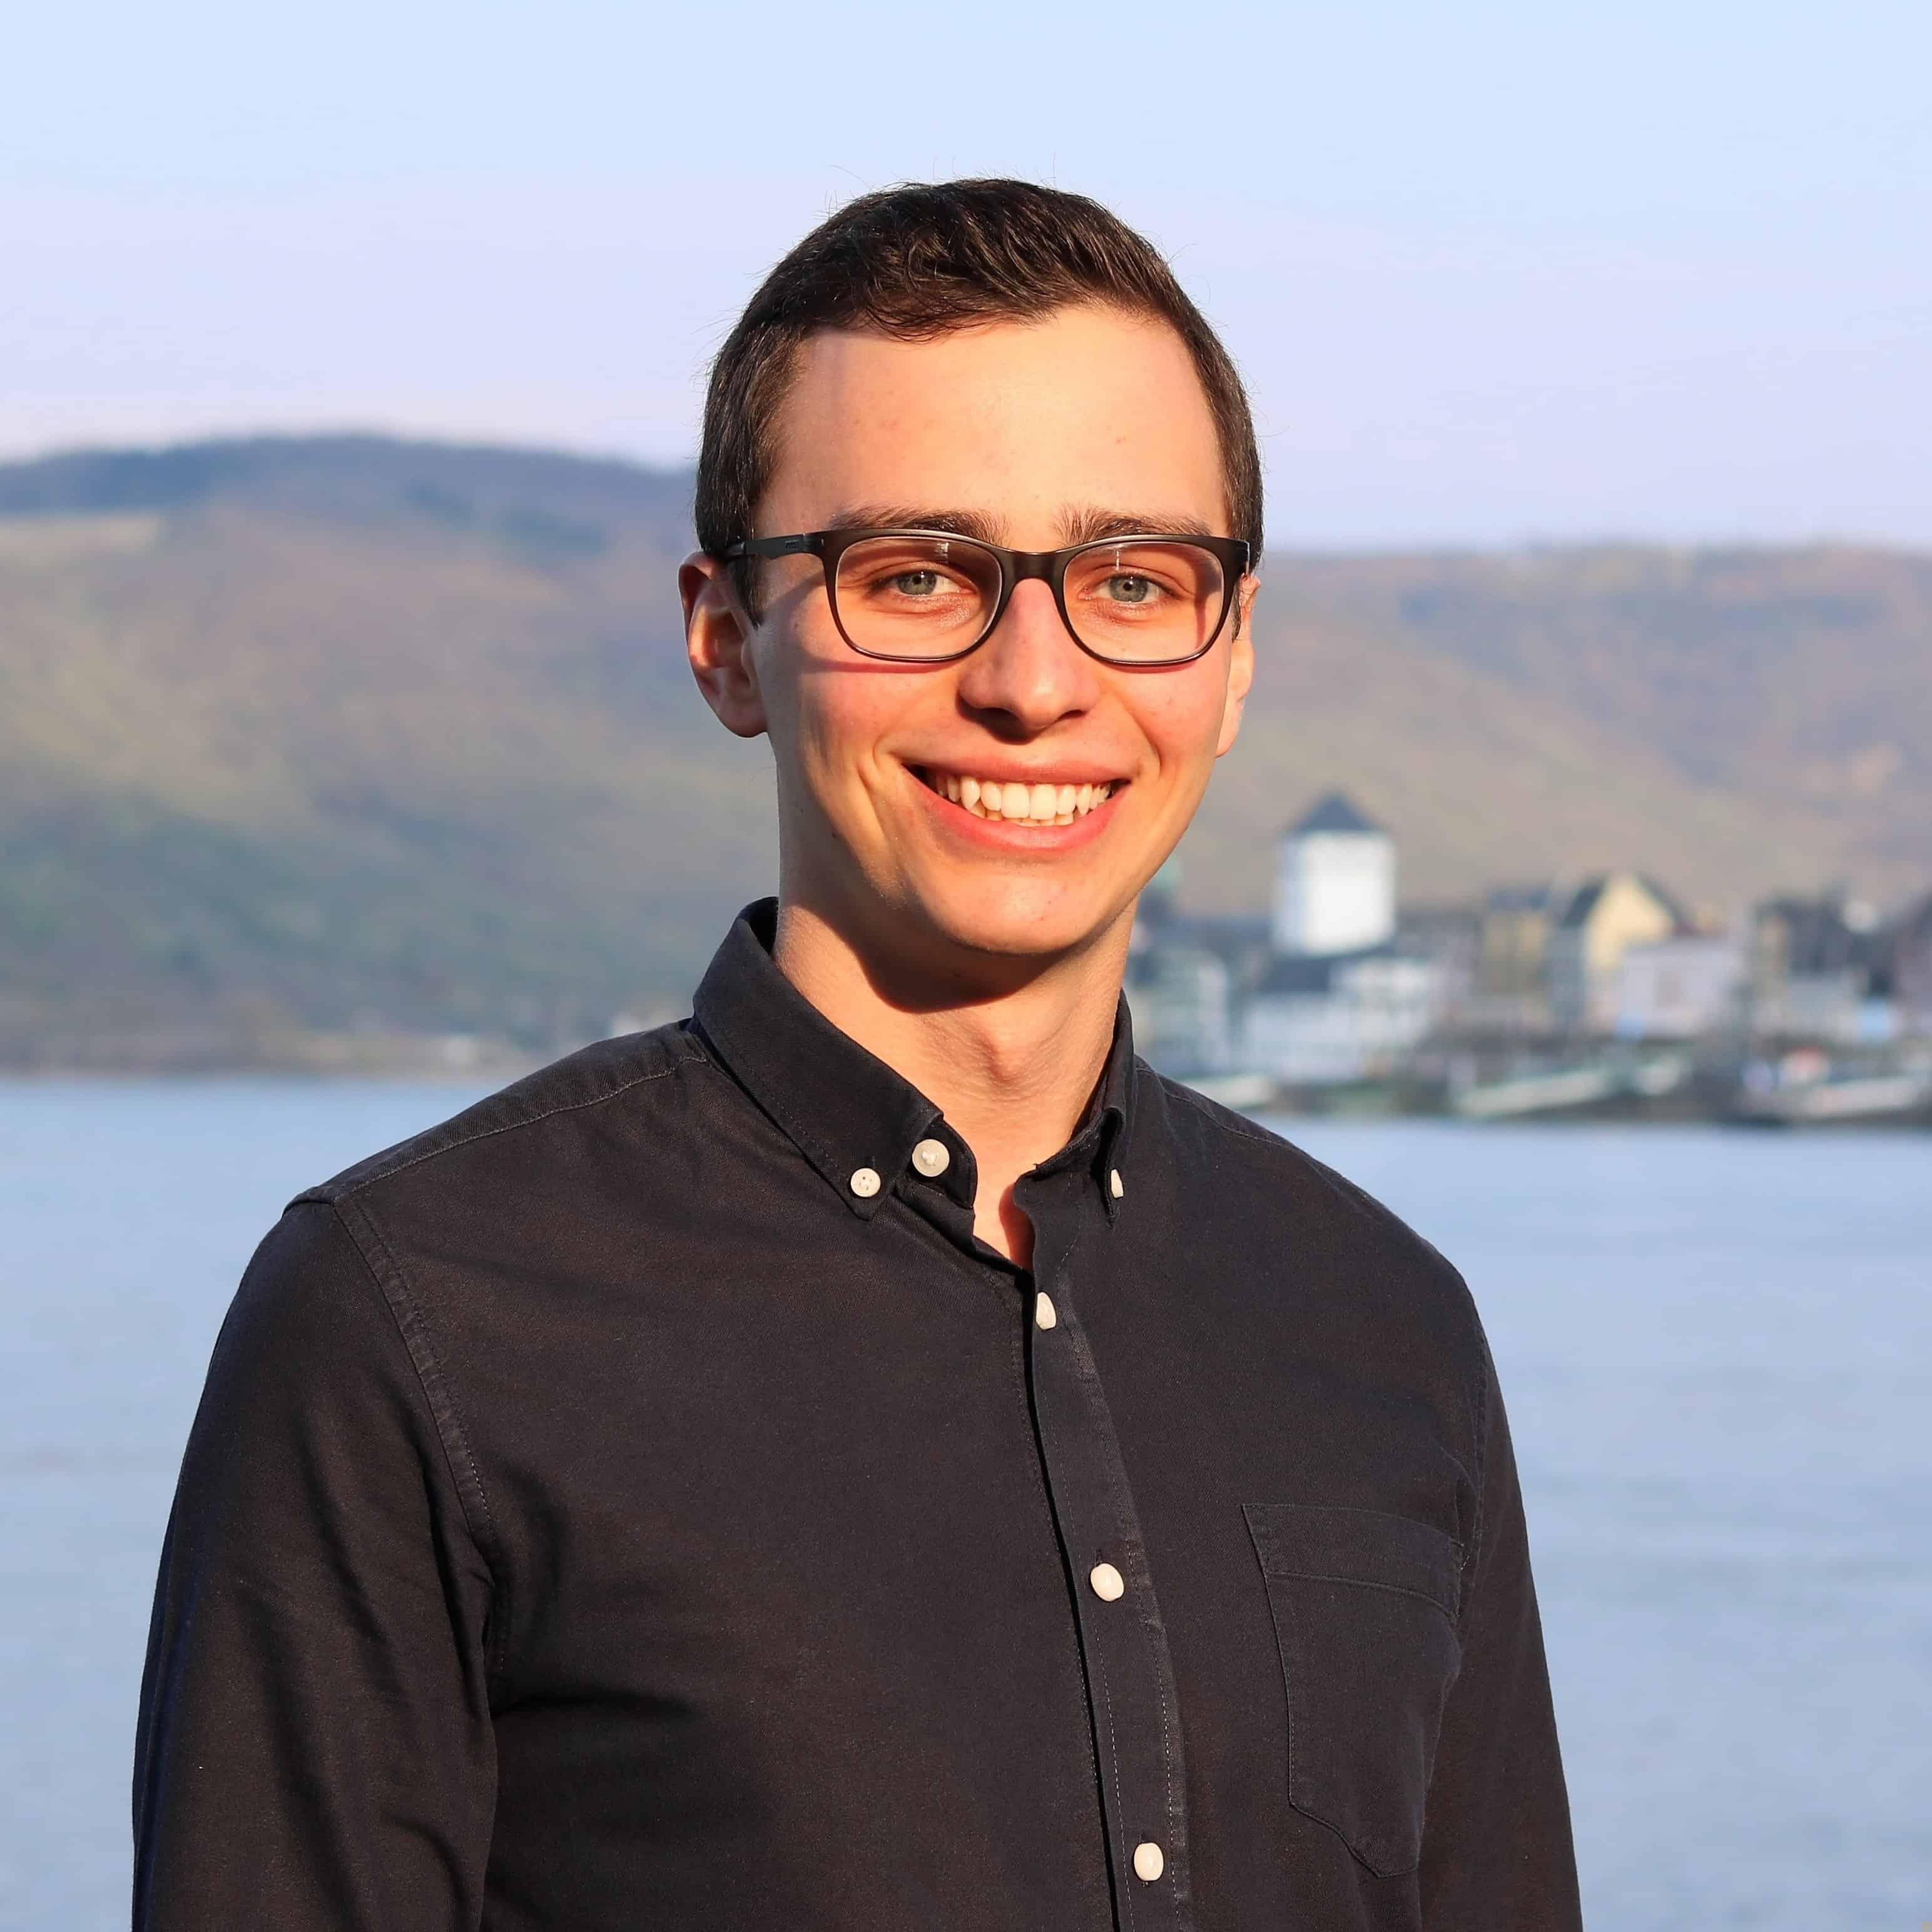 Fabio Mohr, 21